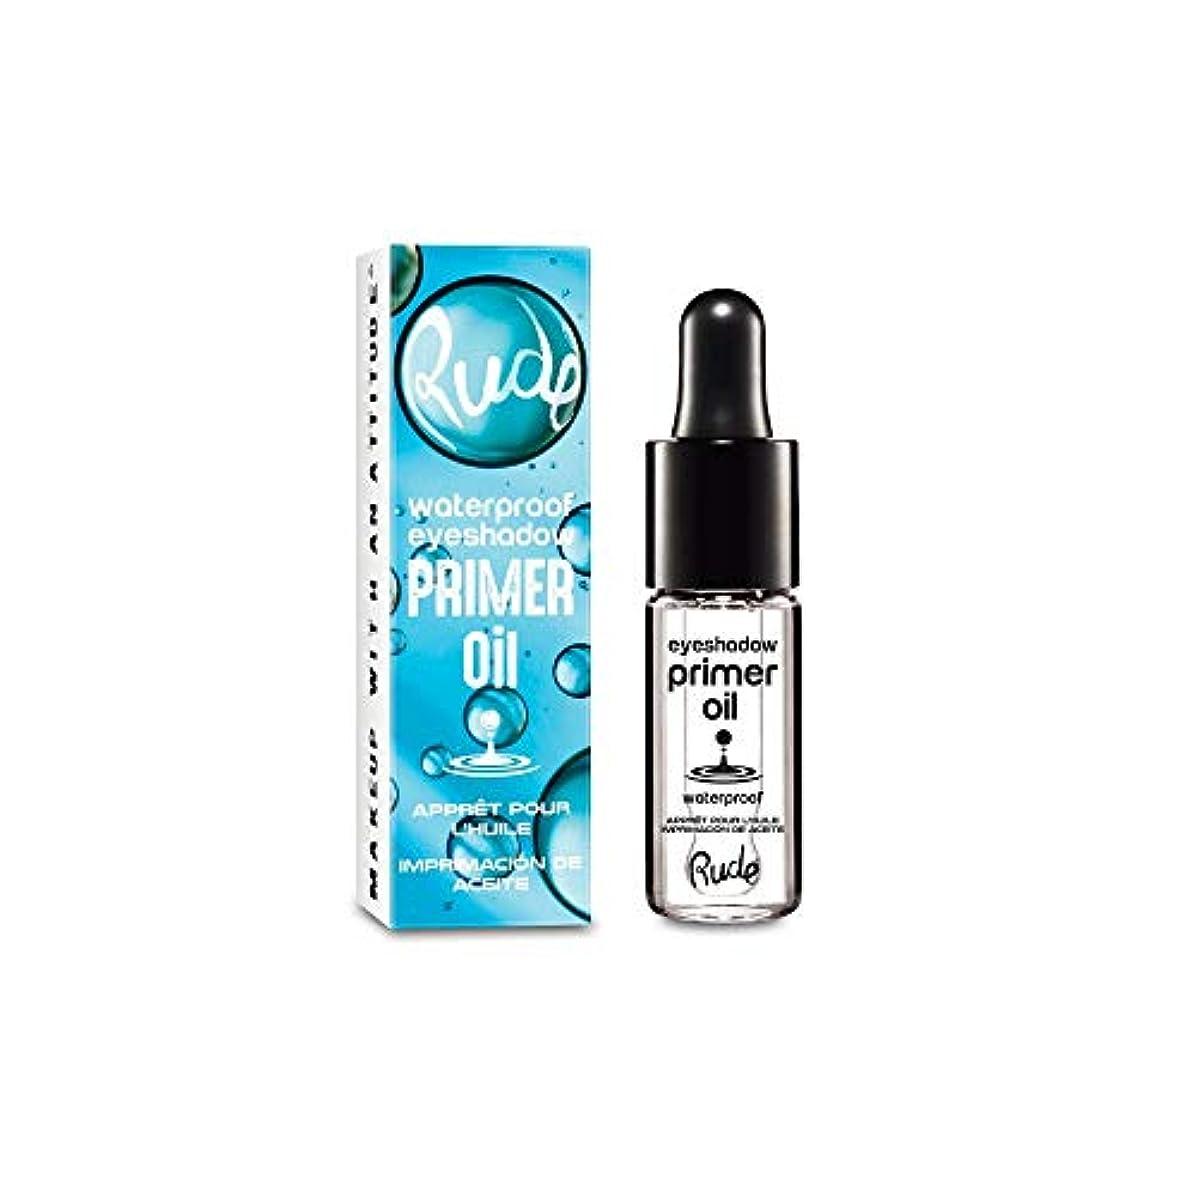 感染するアルコーブ自分自身RUDE Waterproof Eyeshadow Primer Oil (並行輸入品)